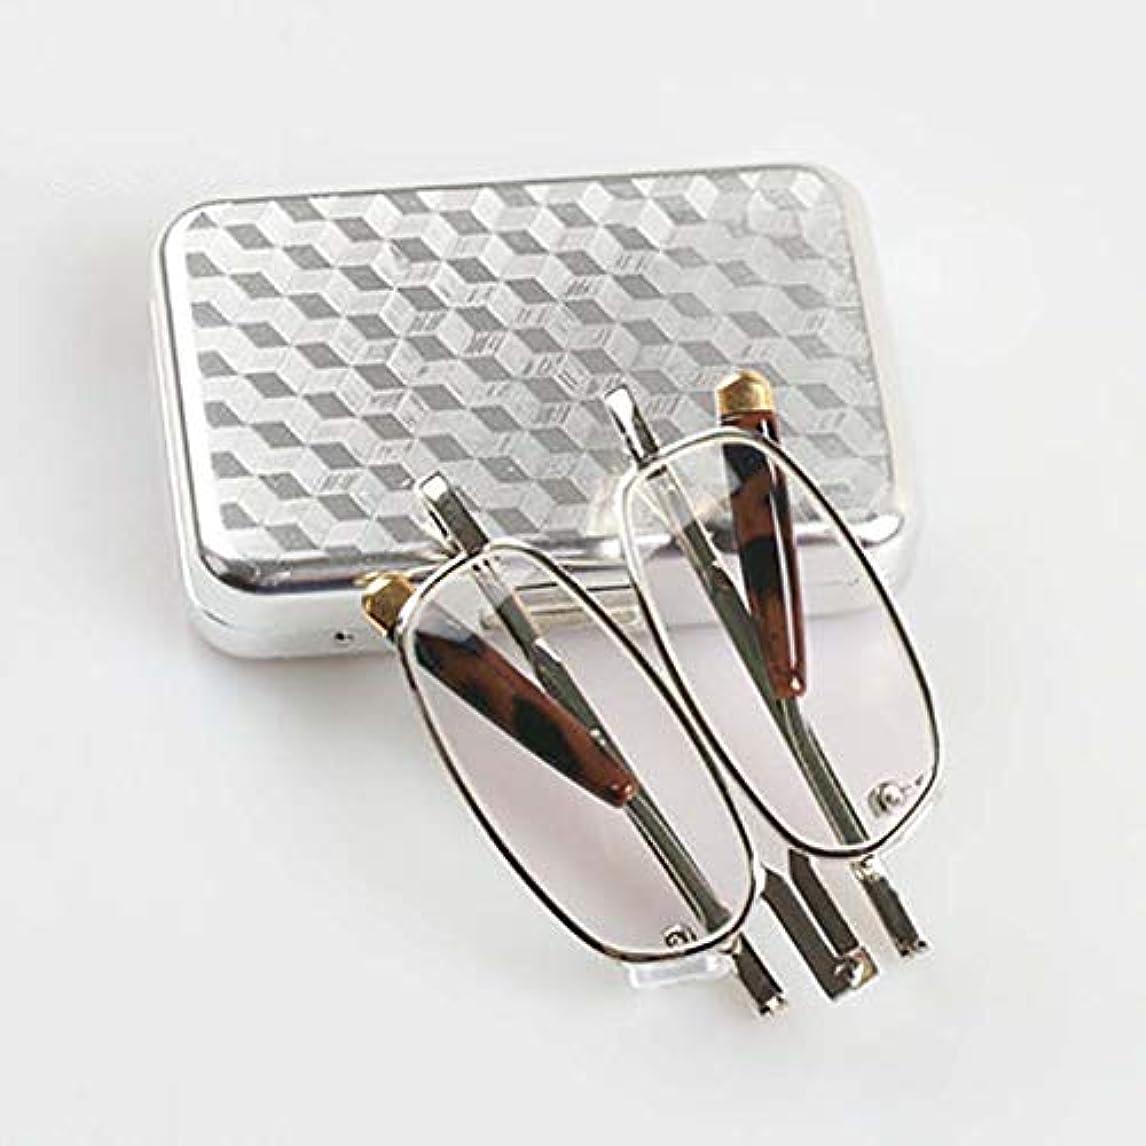 呪い権限信条折りたたみ老眼鏡,軽量 ポータブル ? リーダー スクエア型の眼鏡ケース ガラス ? レンズ な ユニ-A +4.0